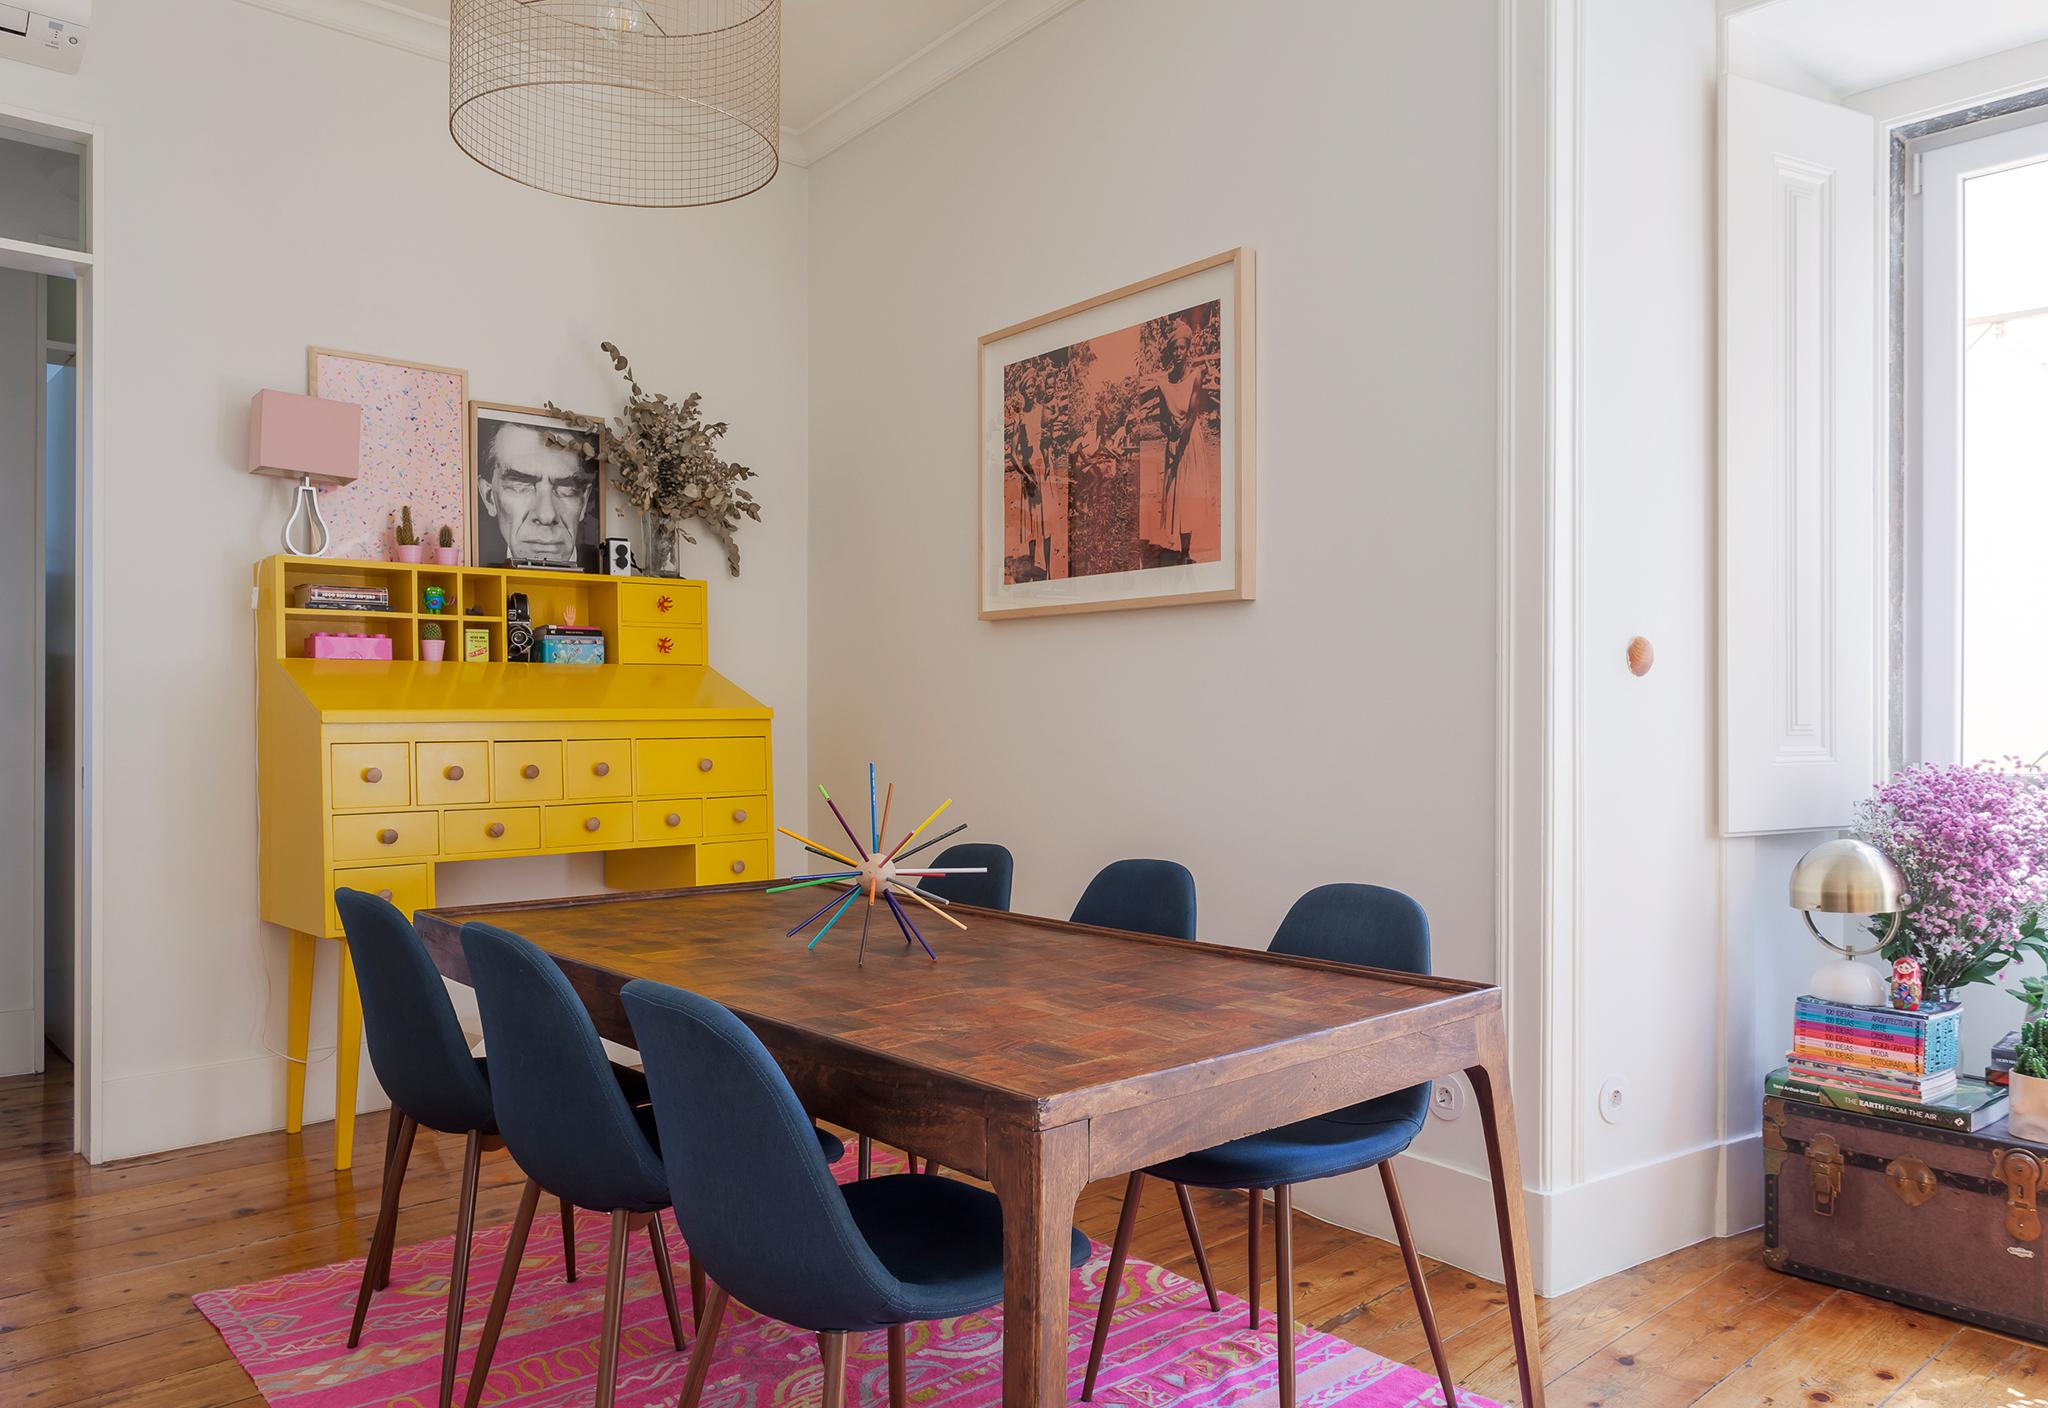 Sala de jantar com tapete rosa e móvel amarelo